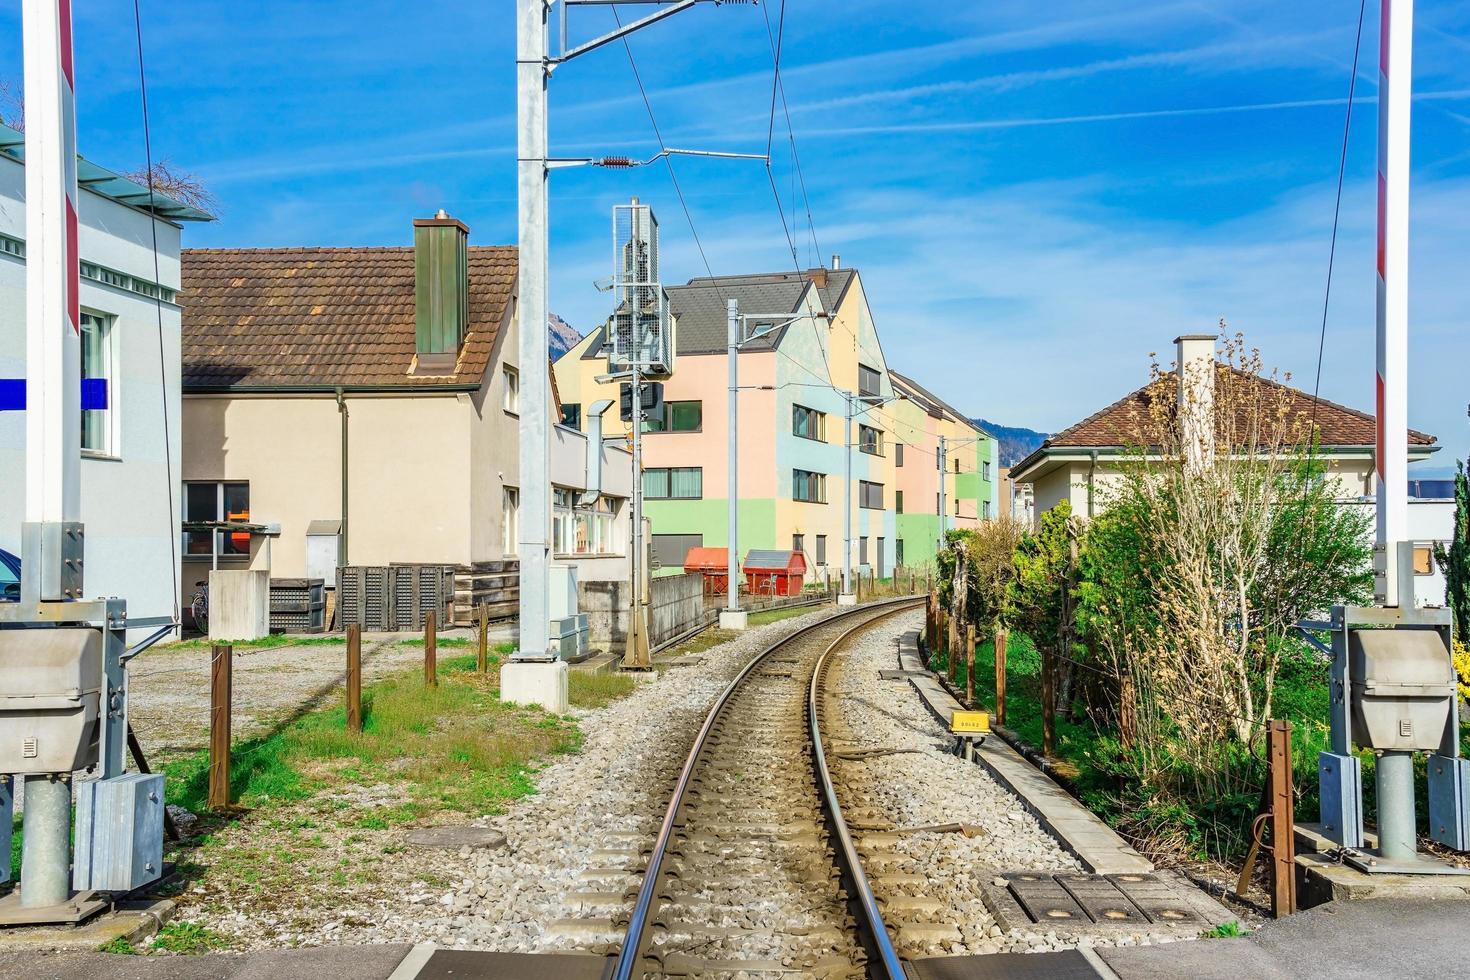 Ferrocarril en Stanserhorn en Suiza foto